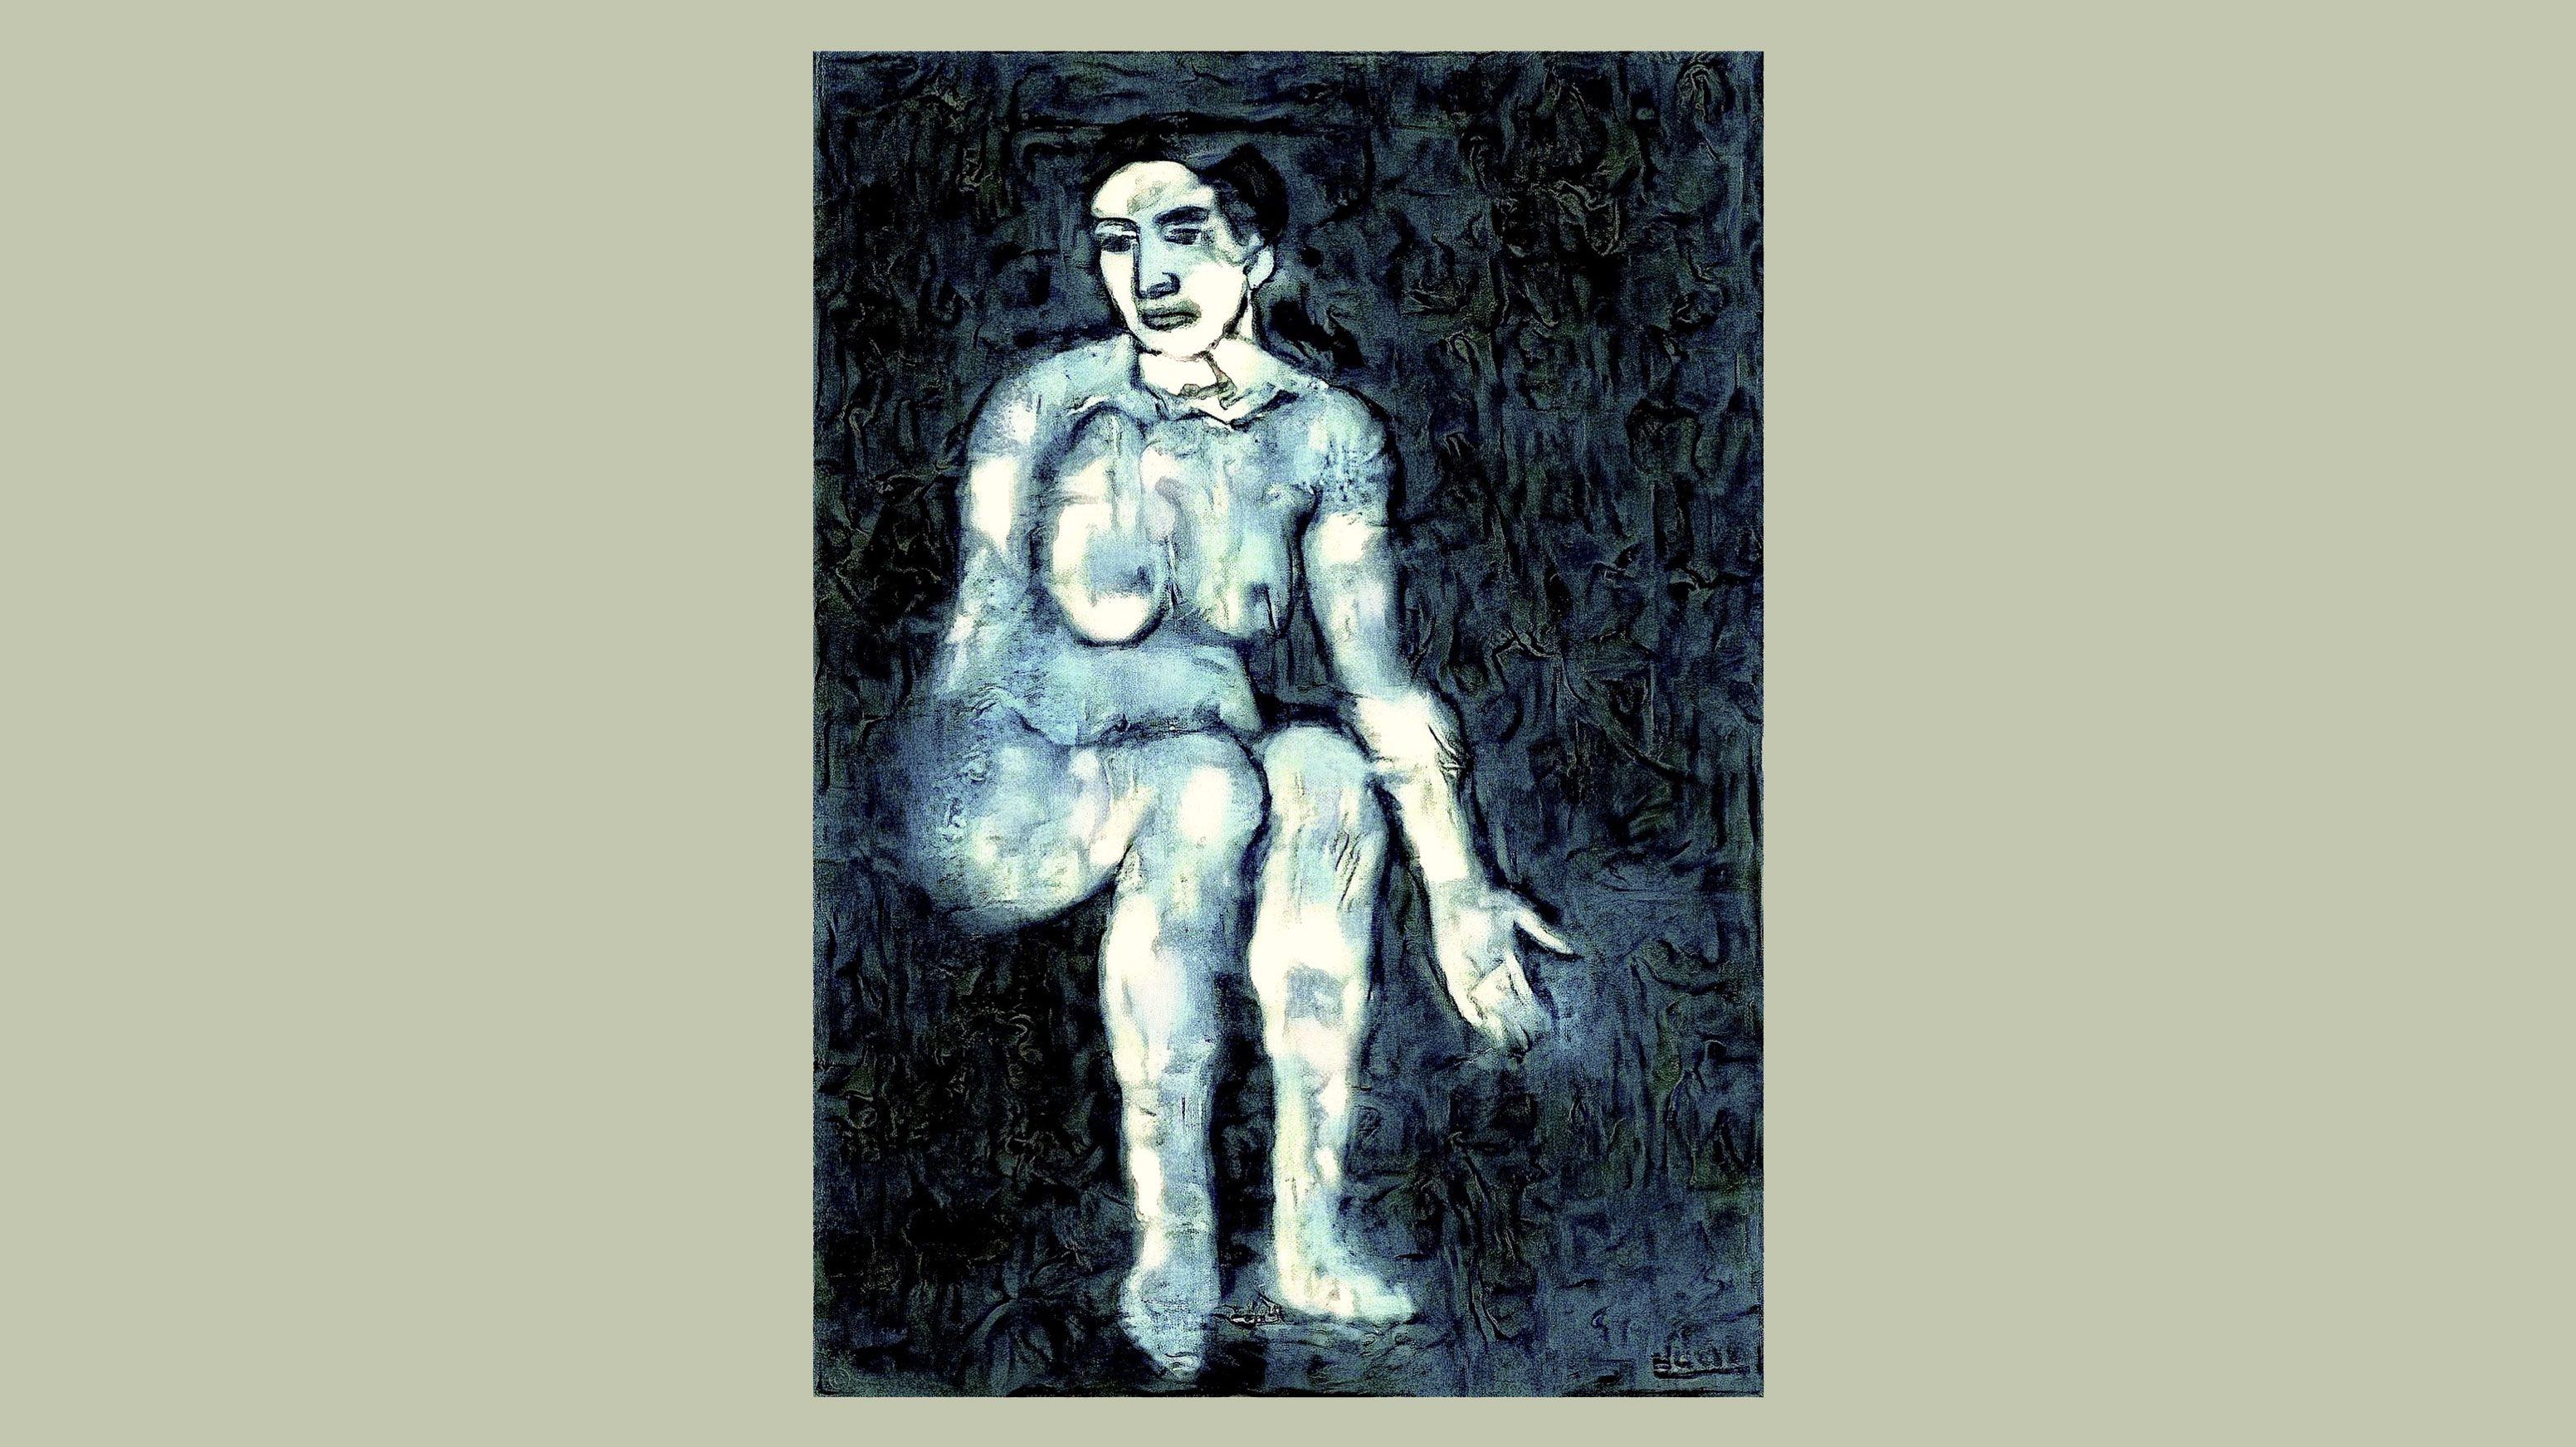 ニューラル・ネットが描き出した、ピカソ「青の時代」幻の作品